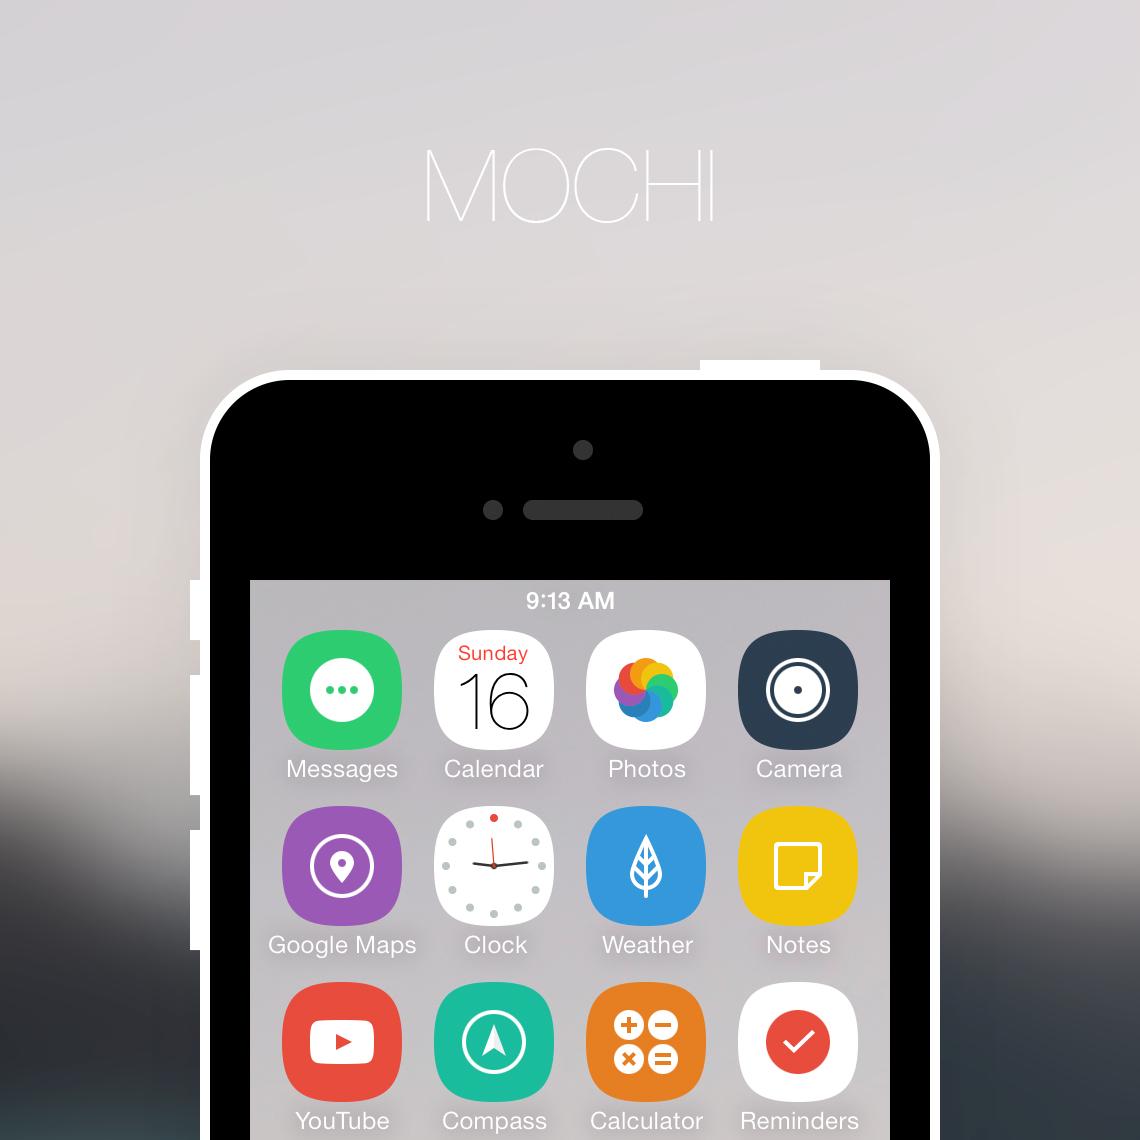 Mochi theme